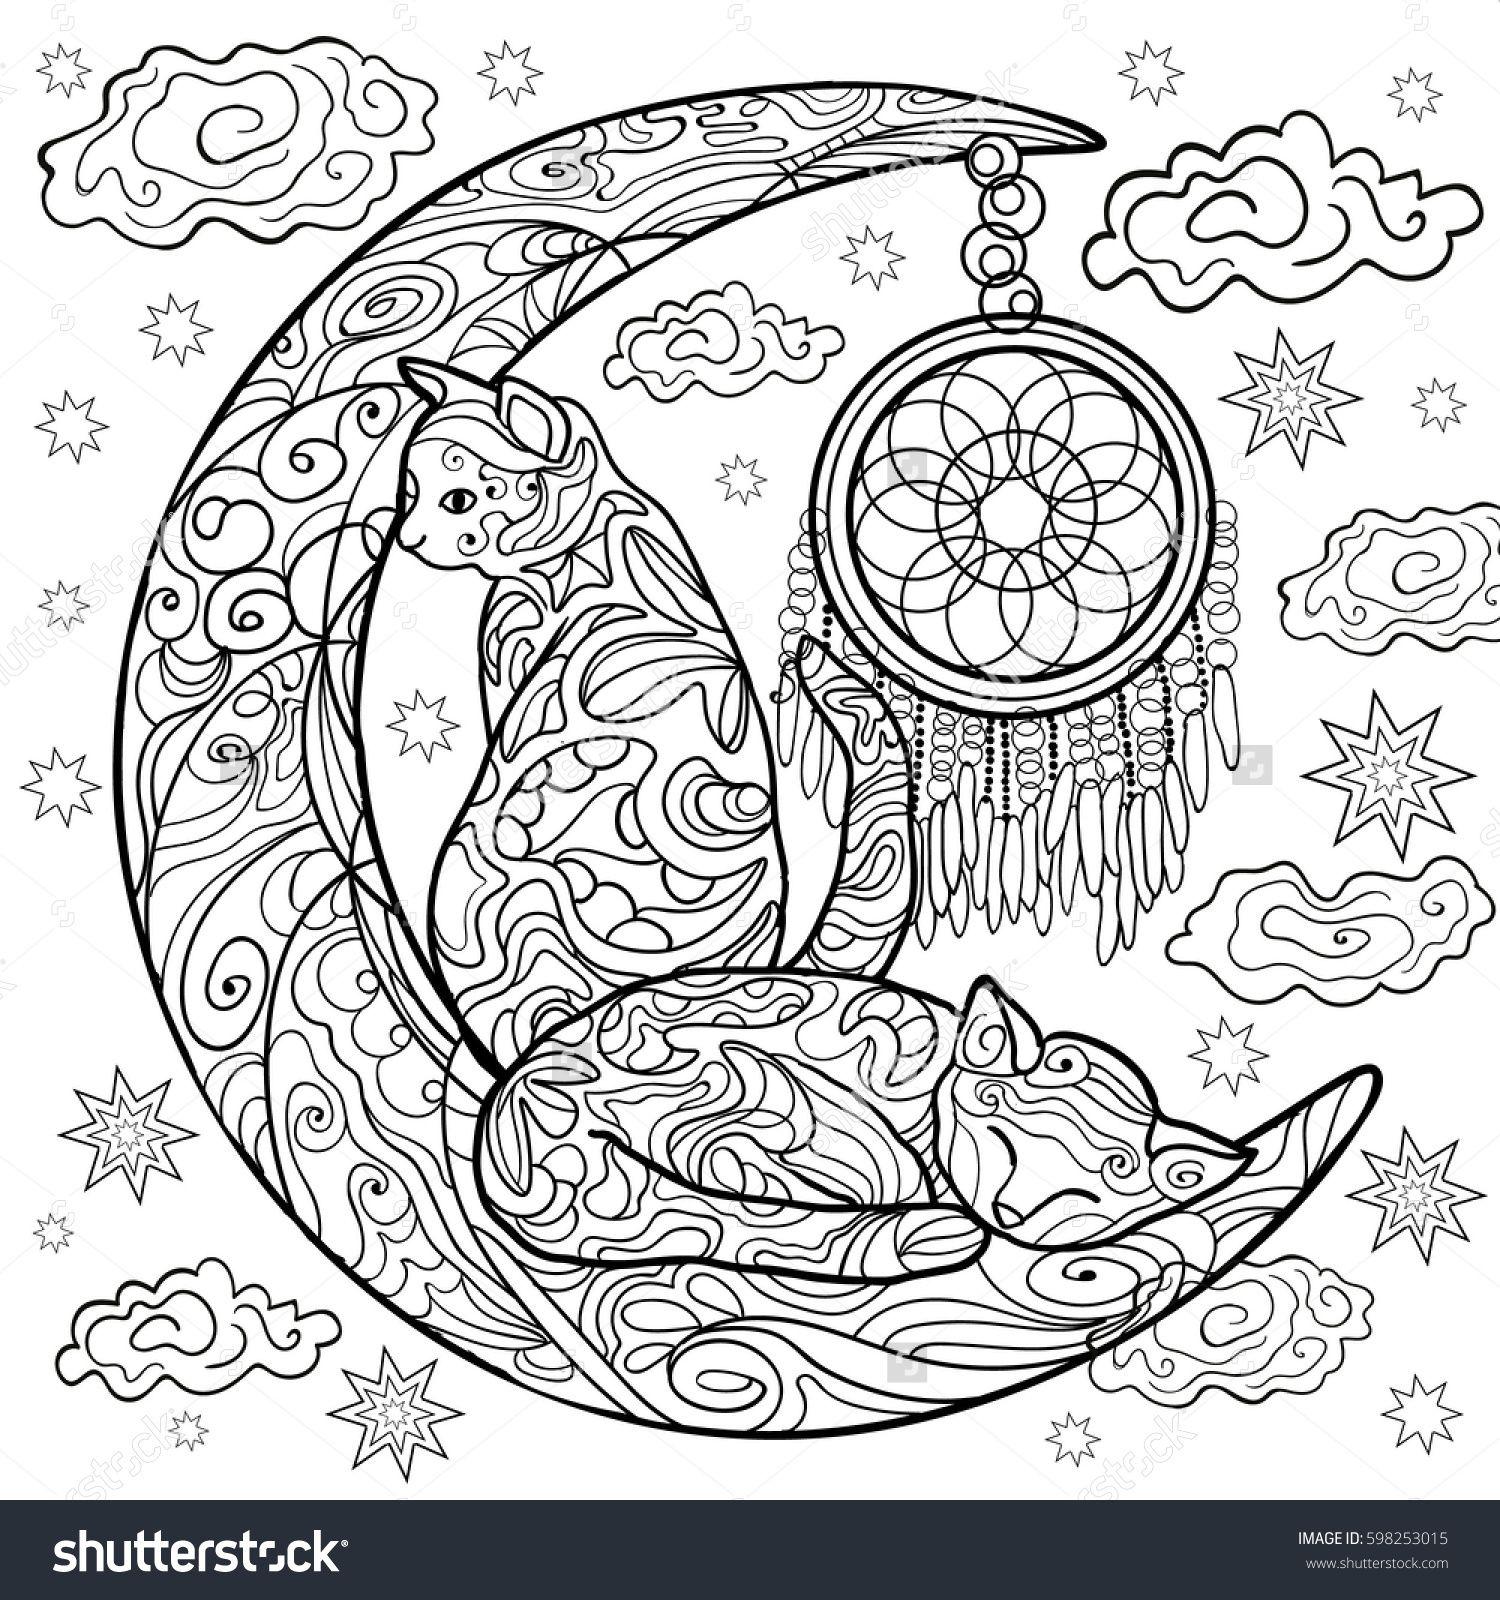 Beautiful kittens. Vector illustration. Cat sleeps on the